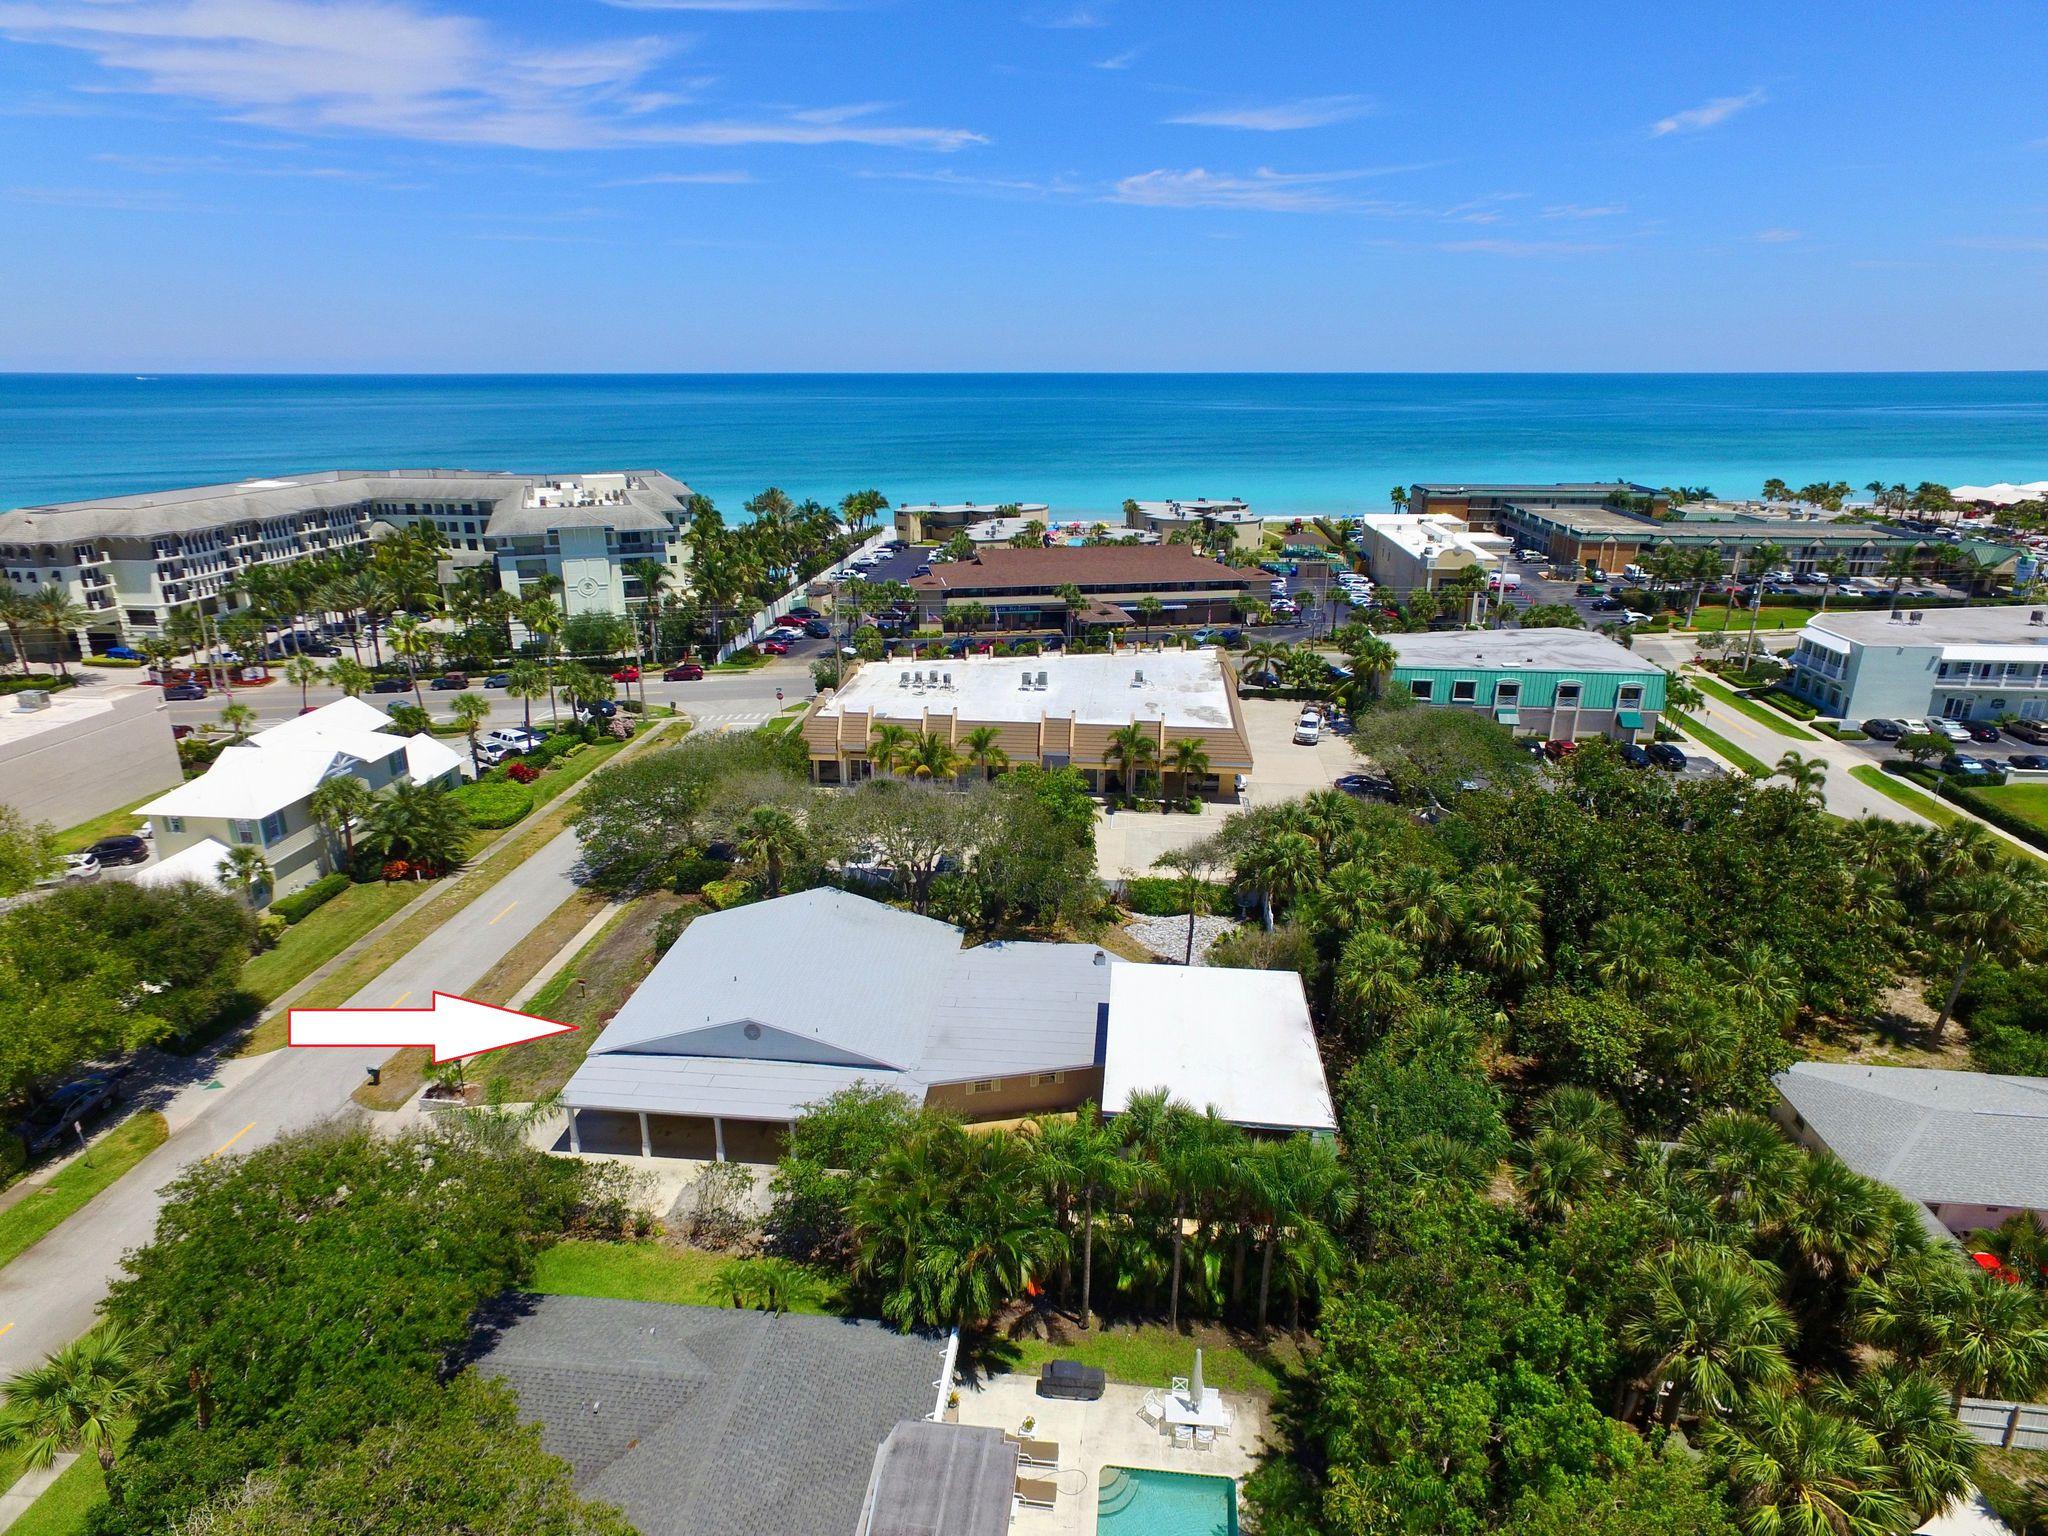 attic 60 vero beach. 846 banyan rd attic 60 vero beach